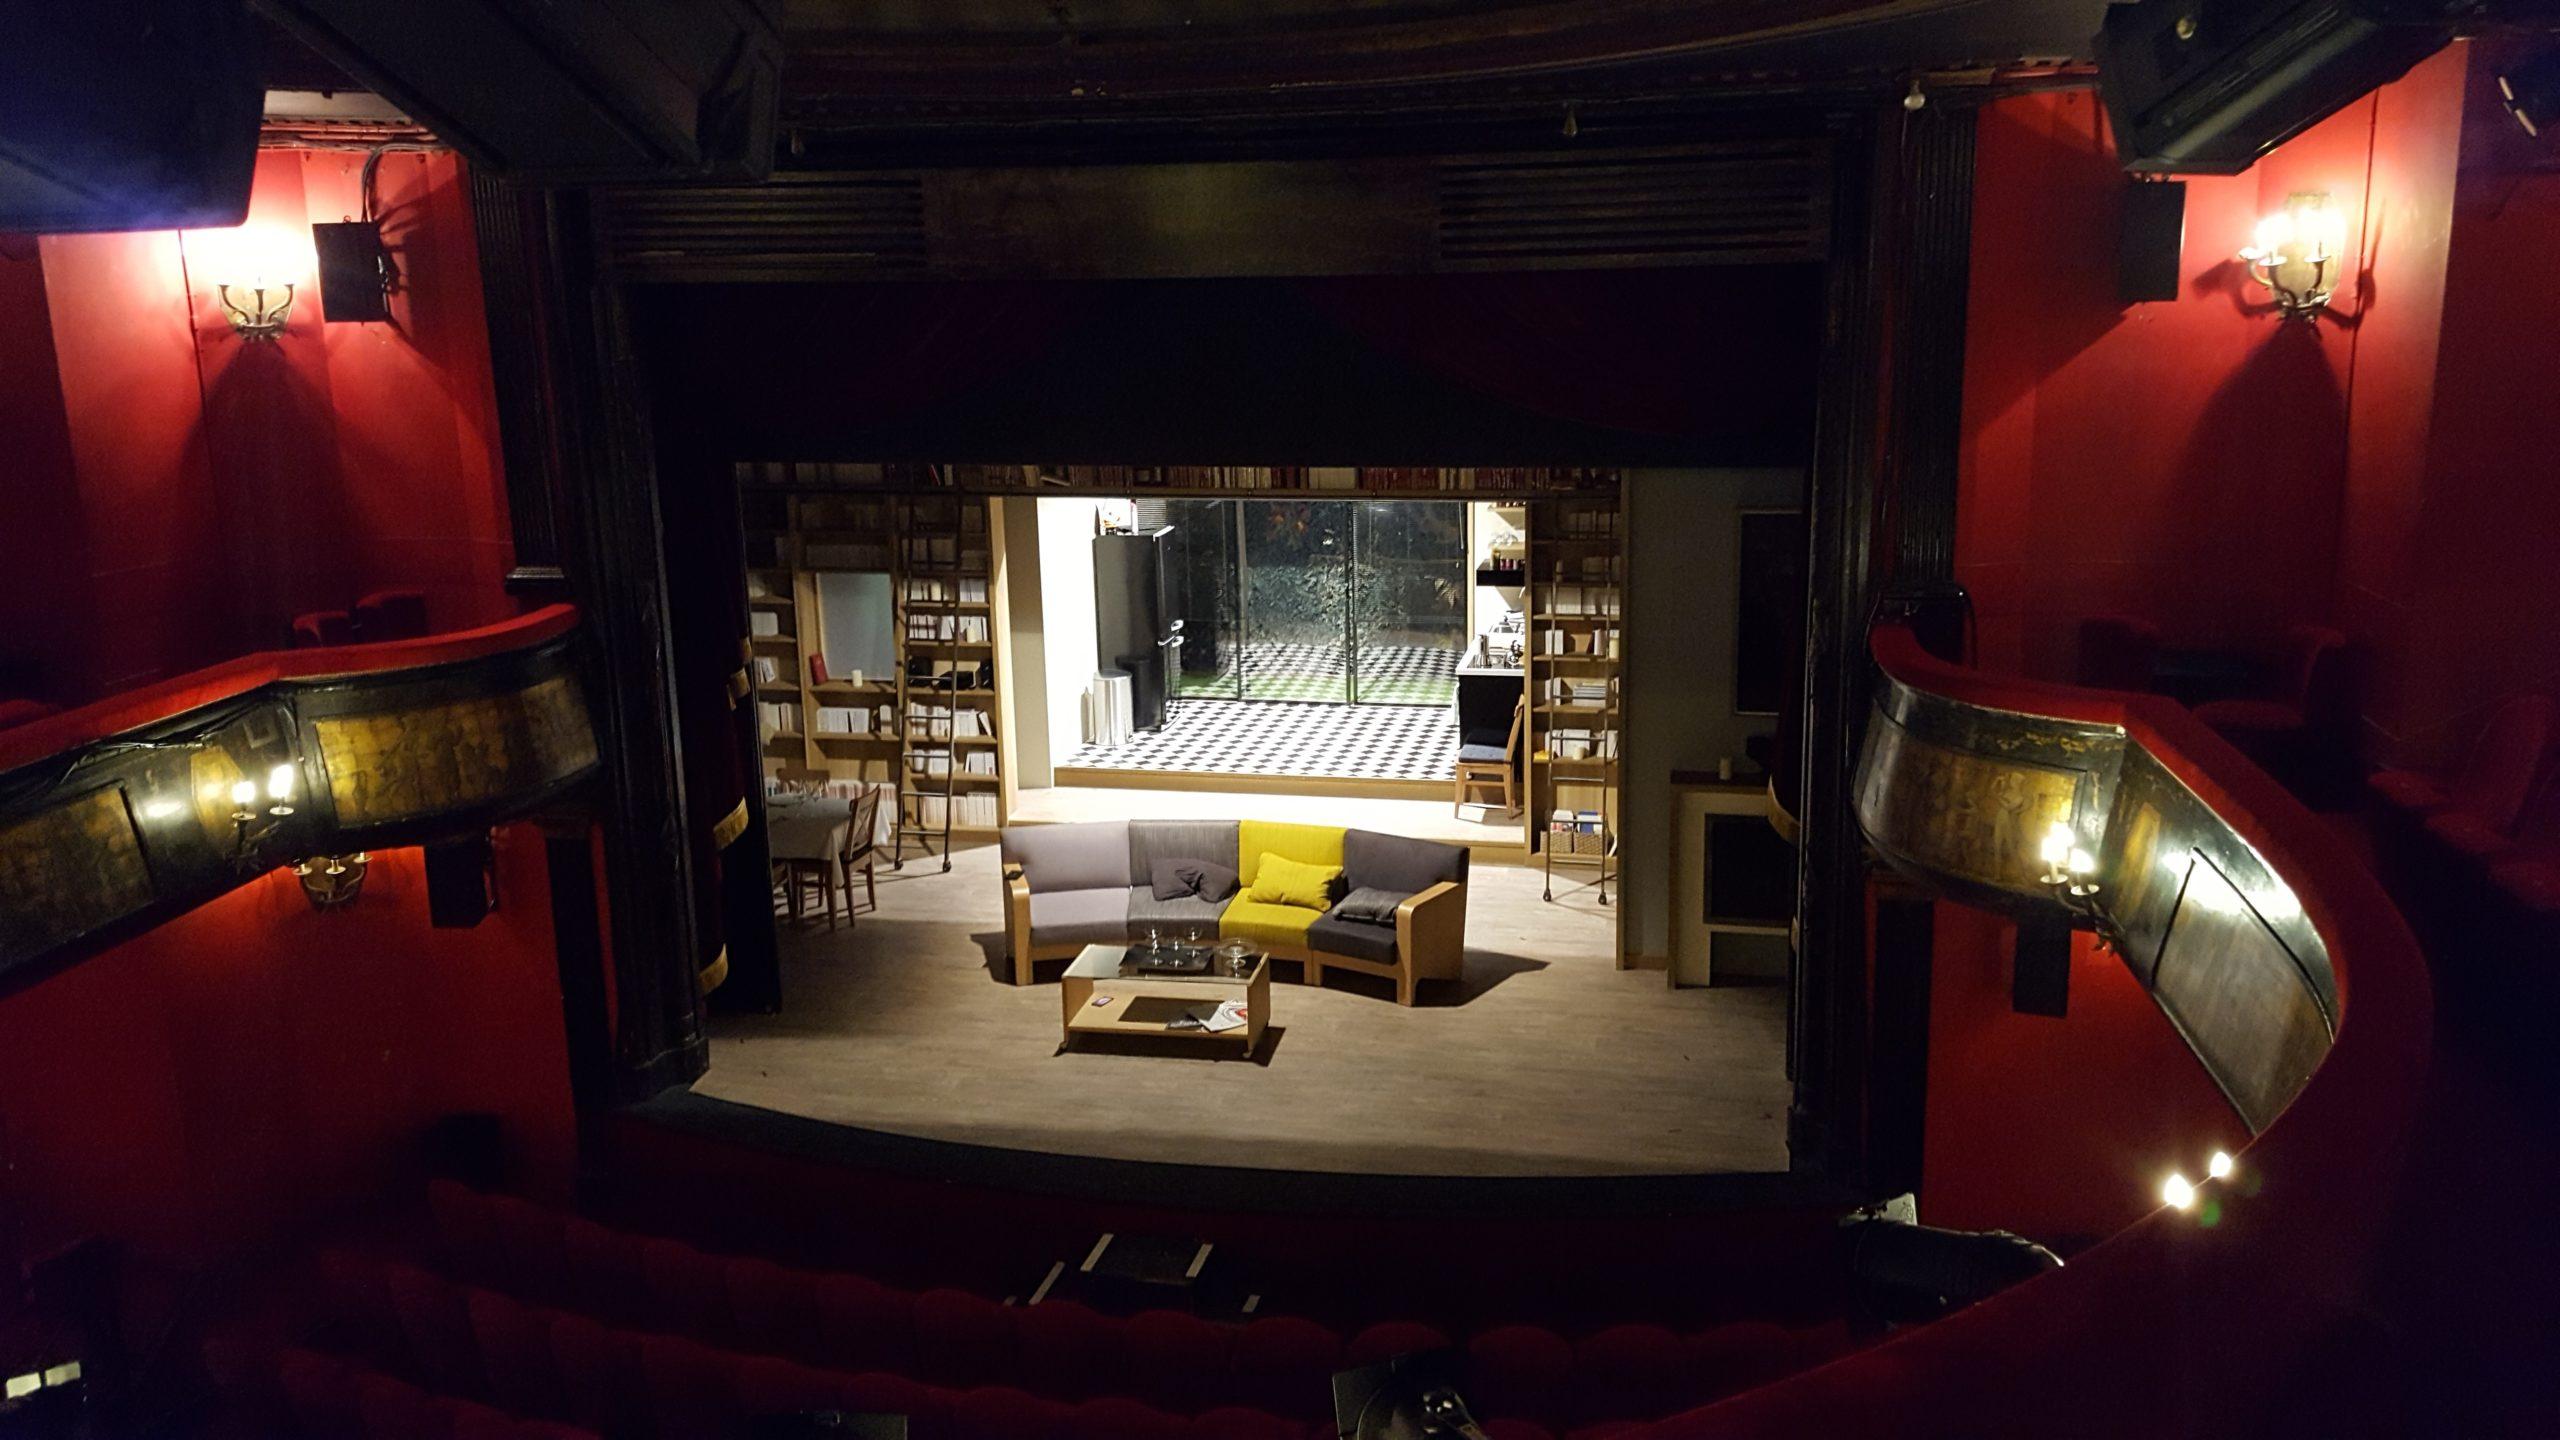 Vue d'une scène décorée de théâtre